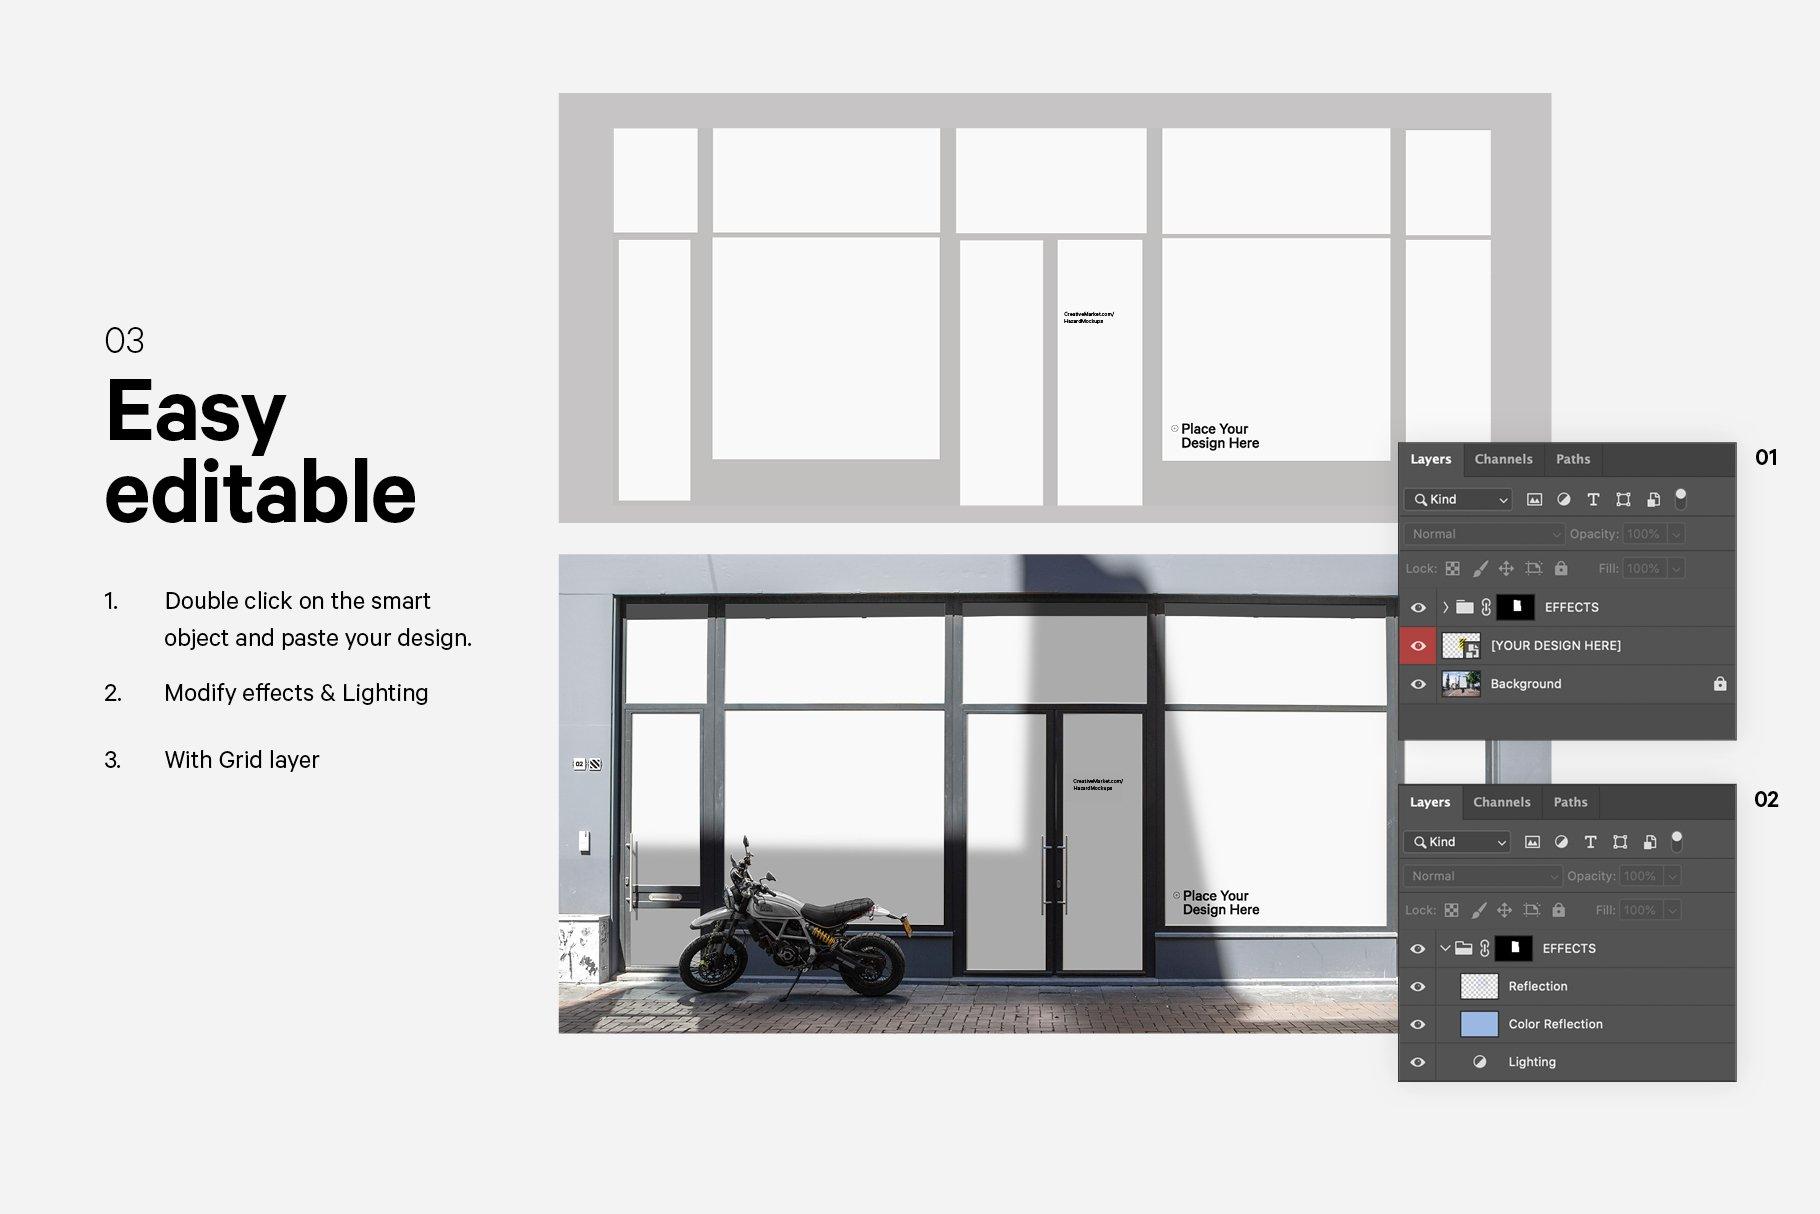 时尚街头店铺外里面橱窗玻璃贴纸广告海报设计展示样机 Shop Facade Mockup Bundle插图4